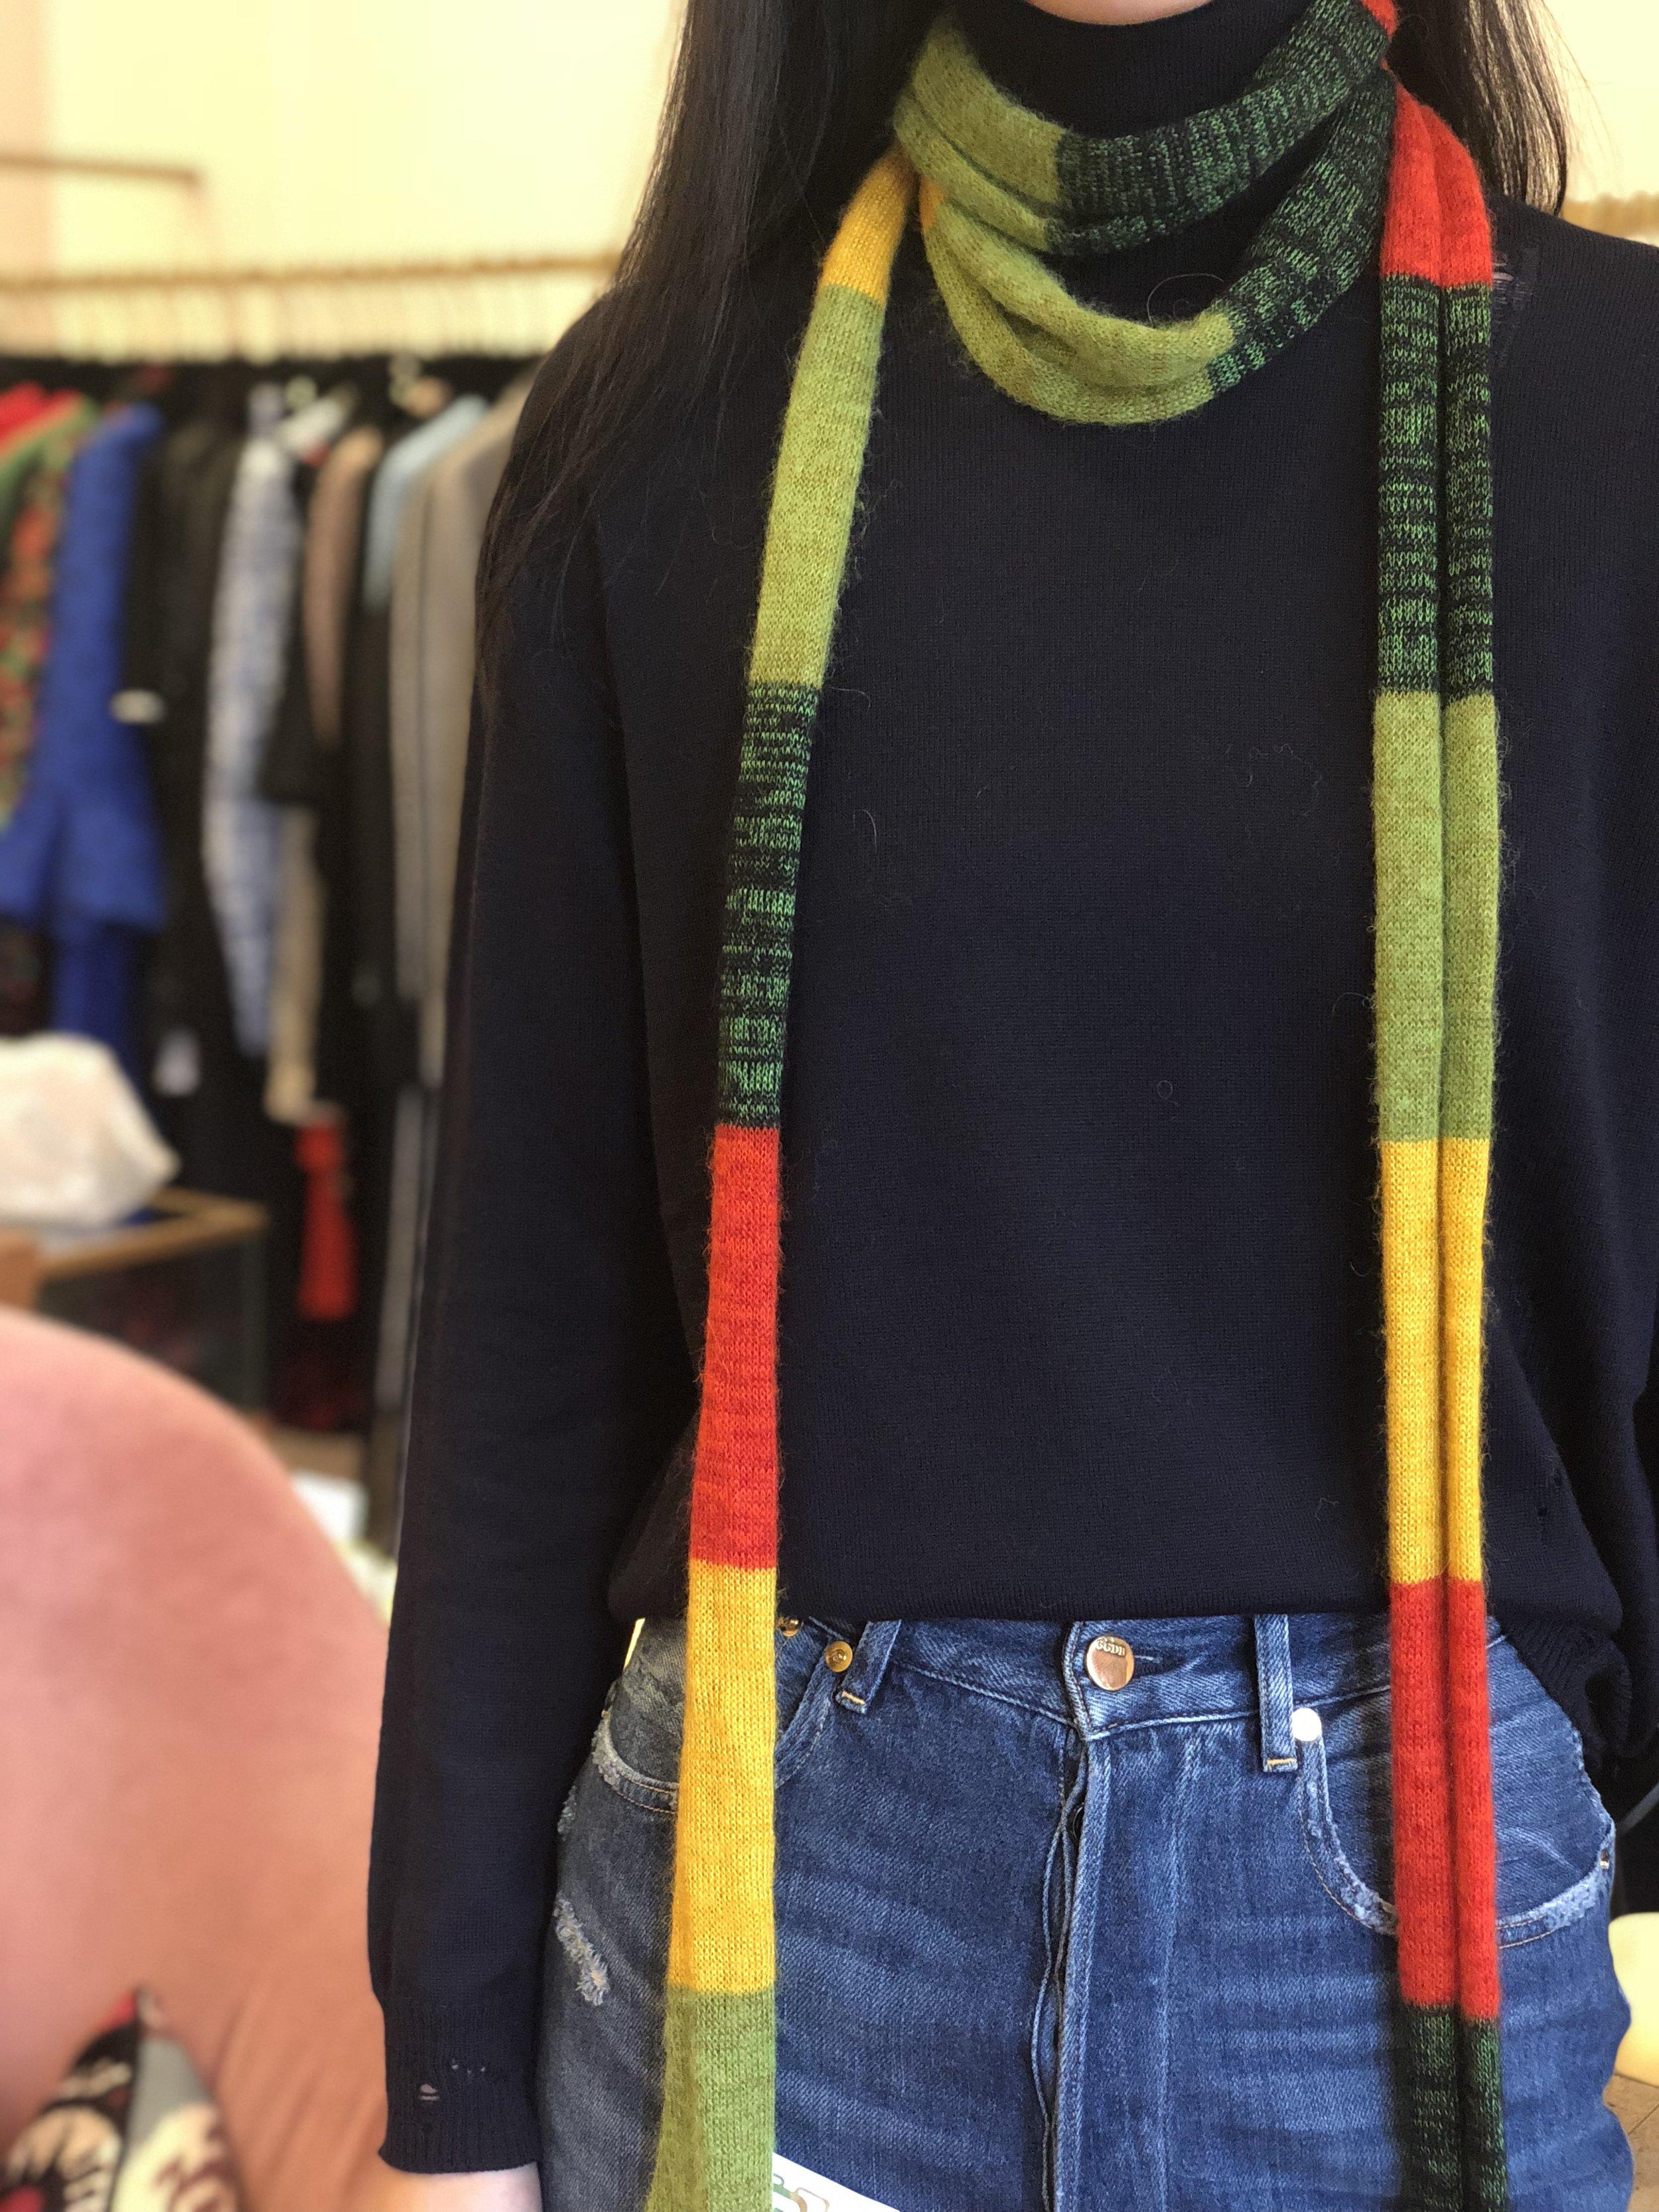 Favorite item #1 - Missoni scarf